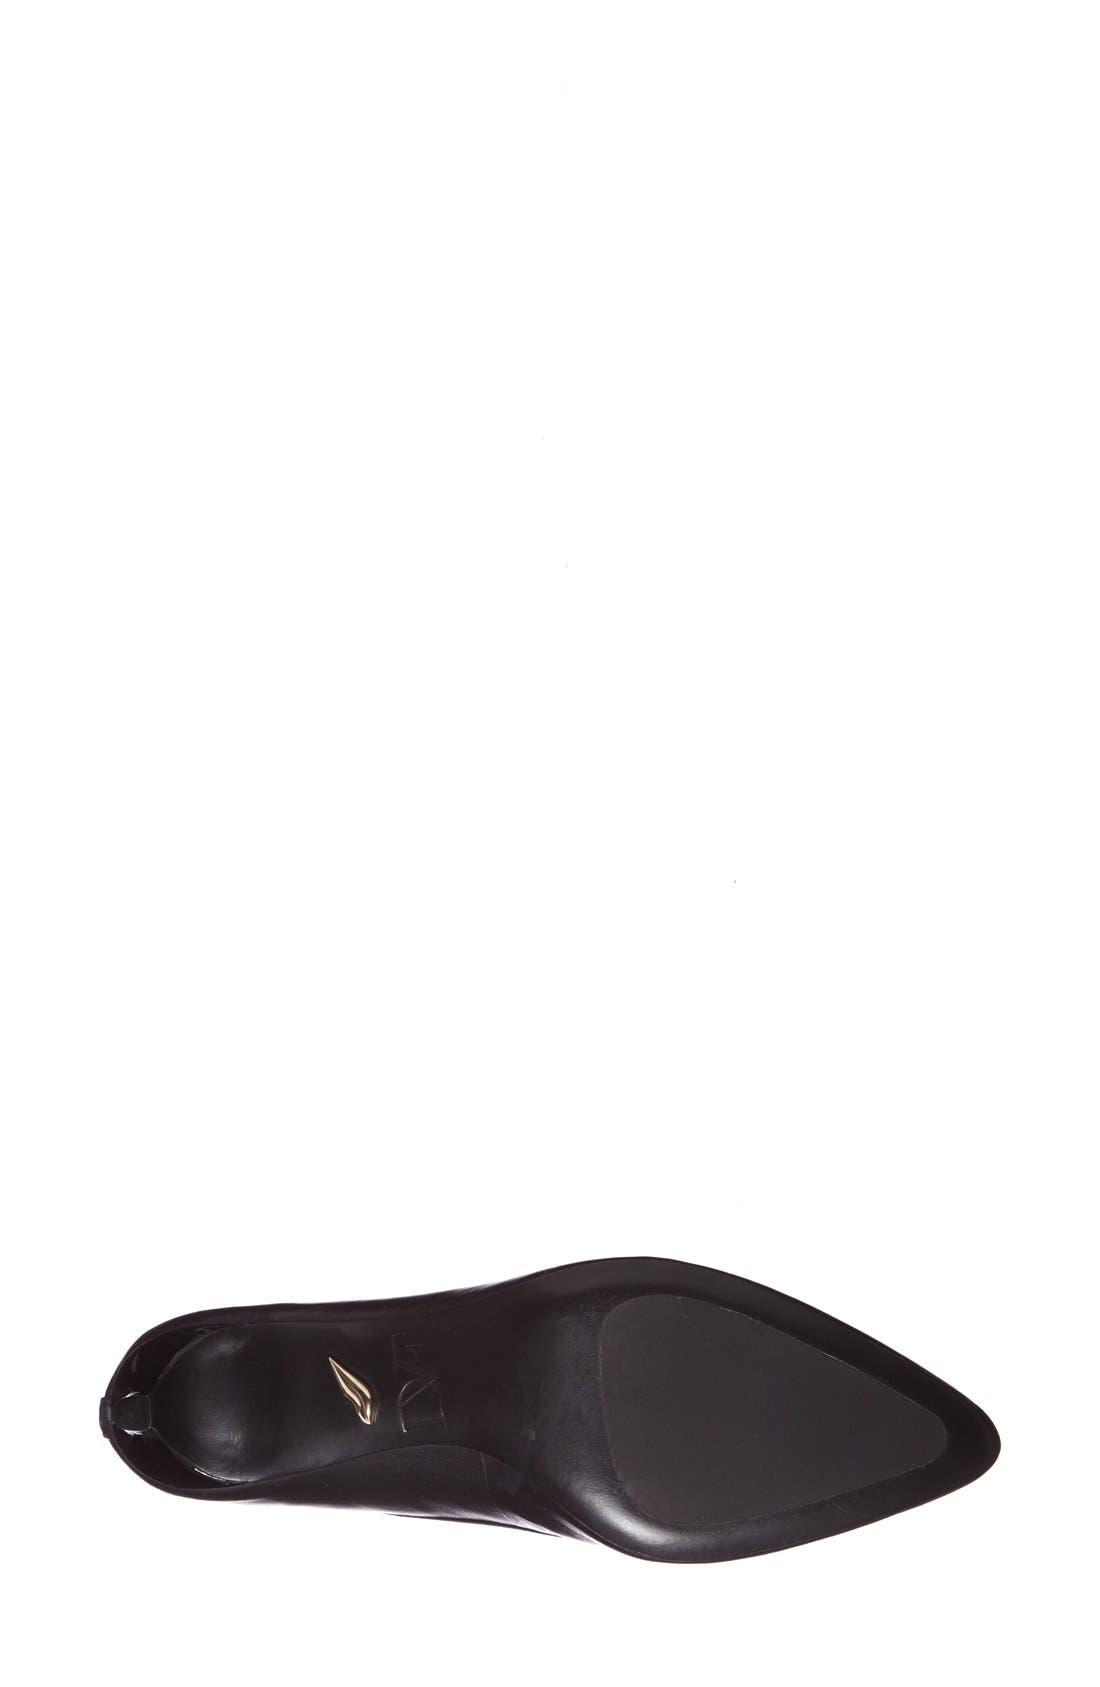 Alternate Image 3  - Diana von Furstenberg 'Faline' Pointy Toe Leather Pump (Women)